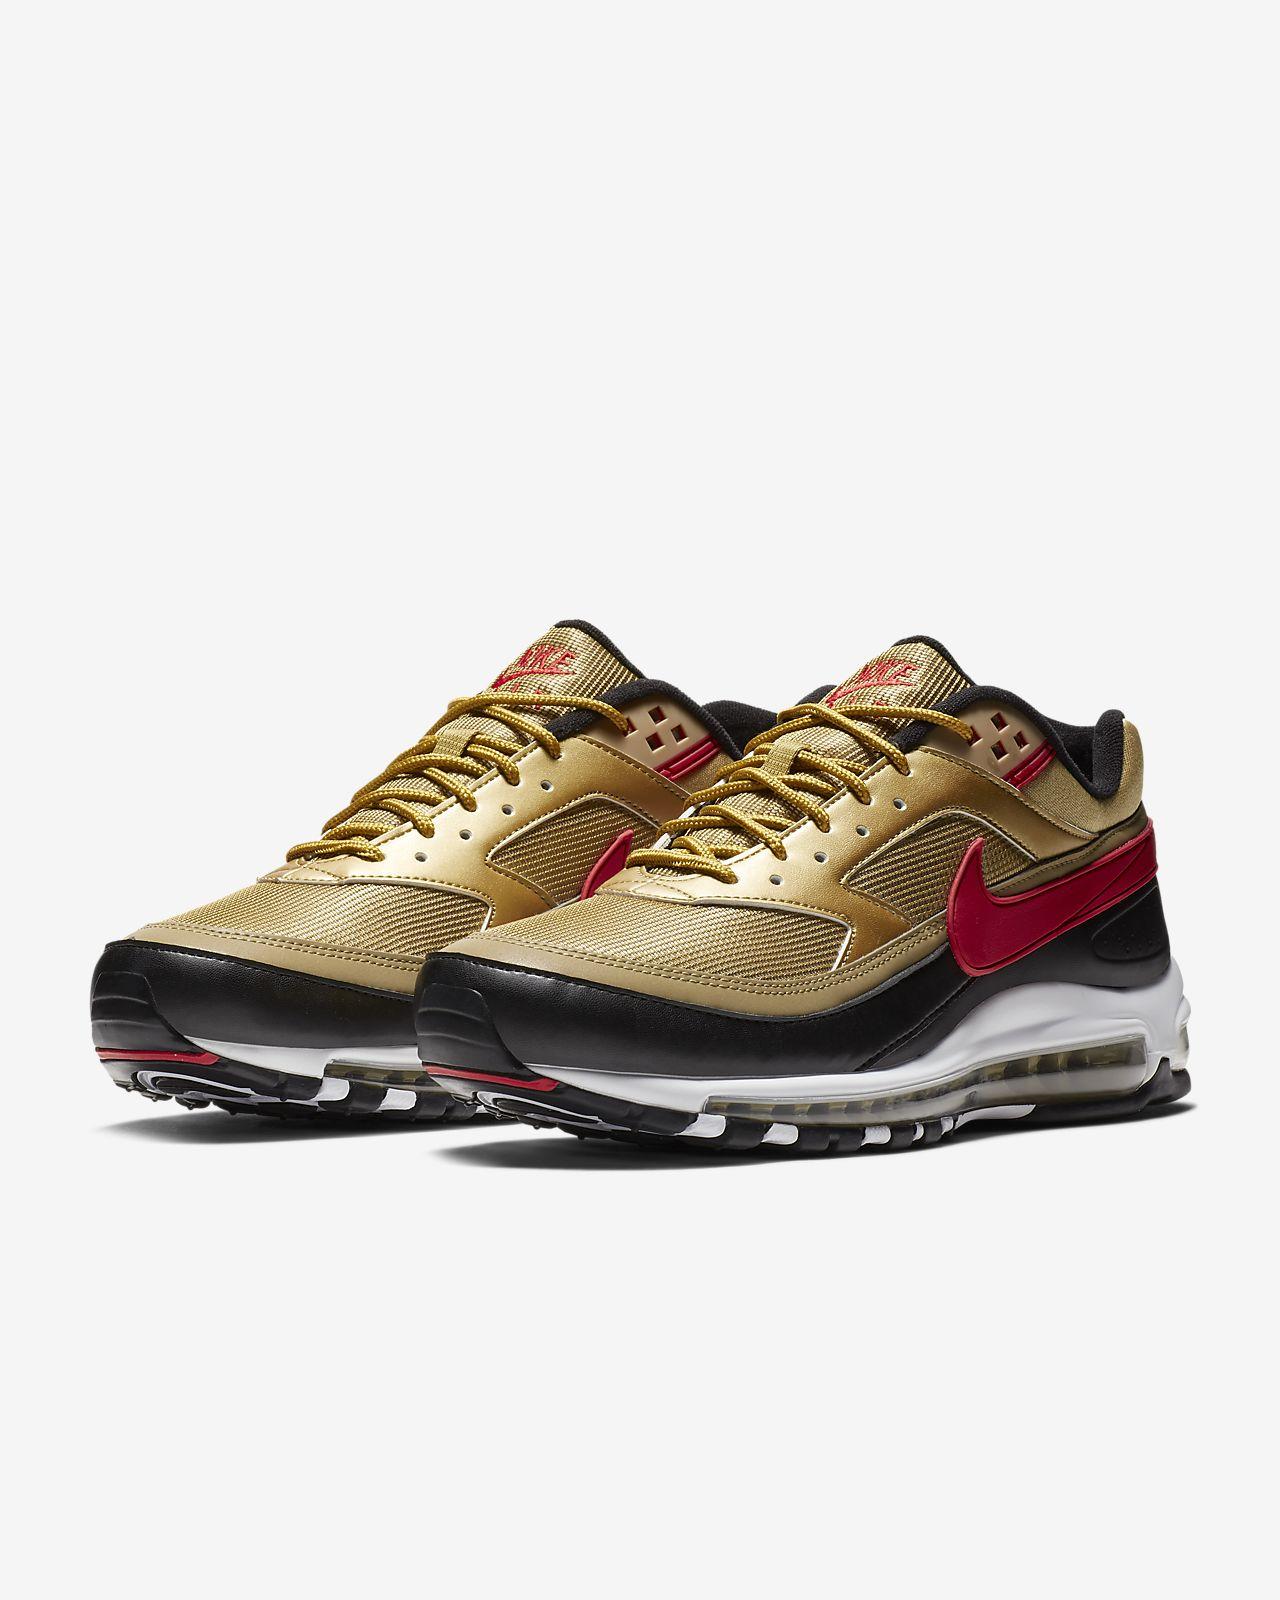 Pour Air Nike Max Chaussure 97bw Homme vNn0m8w